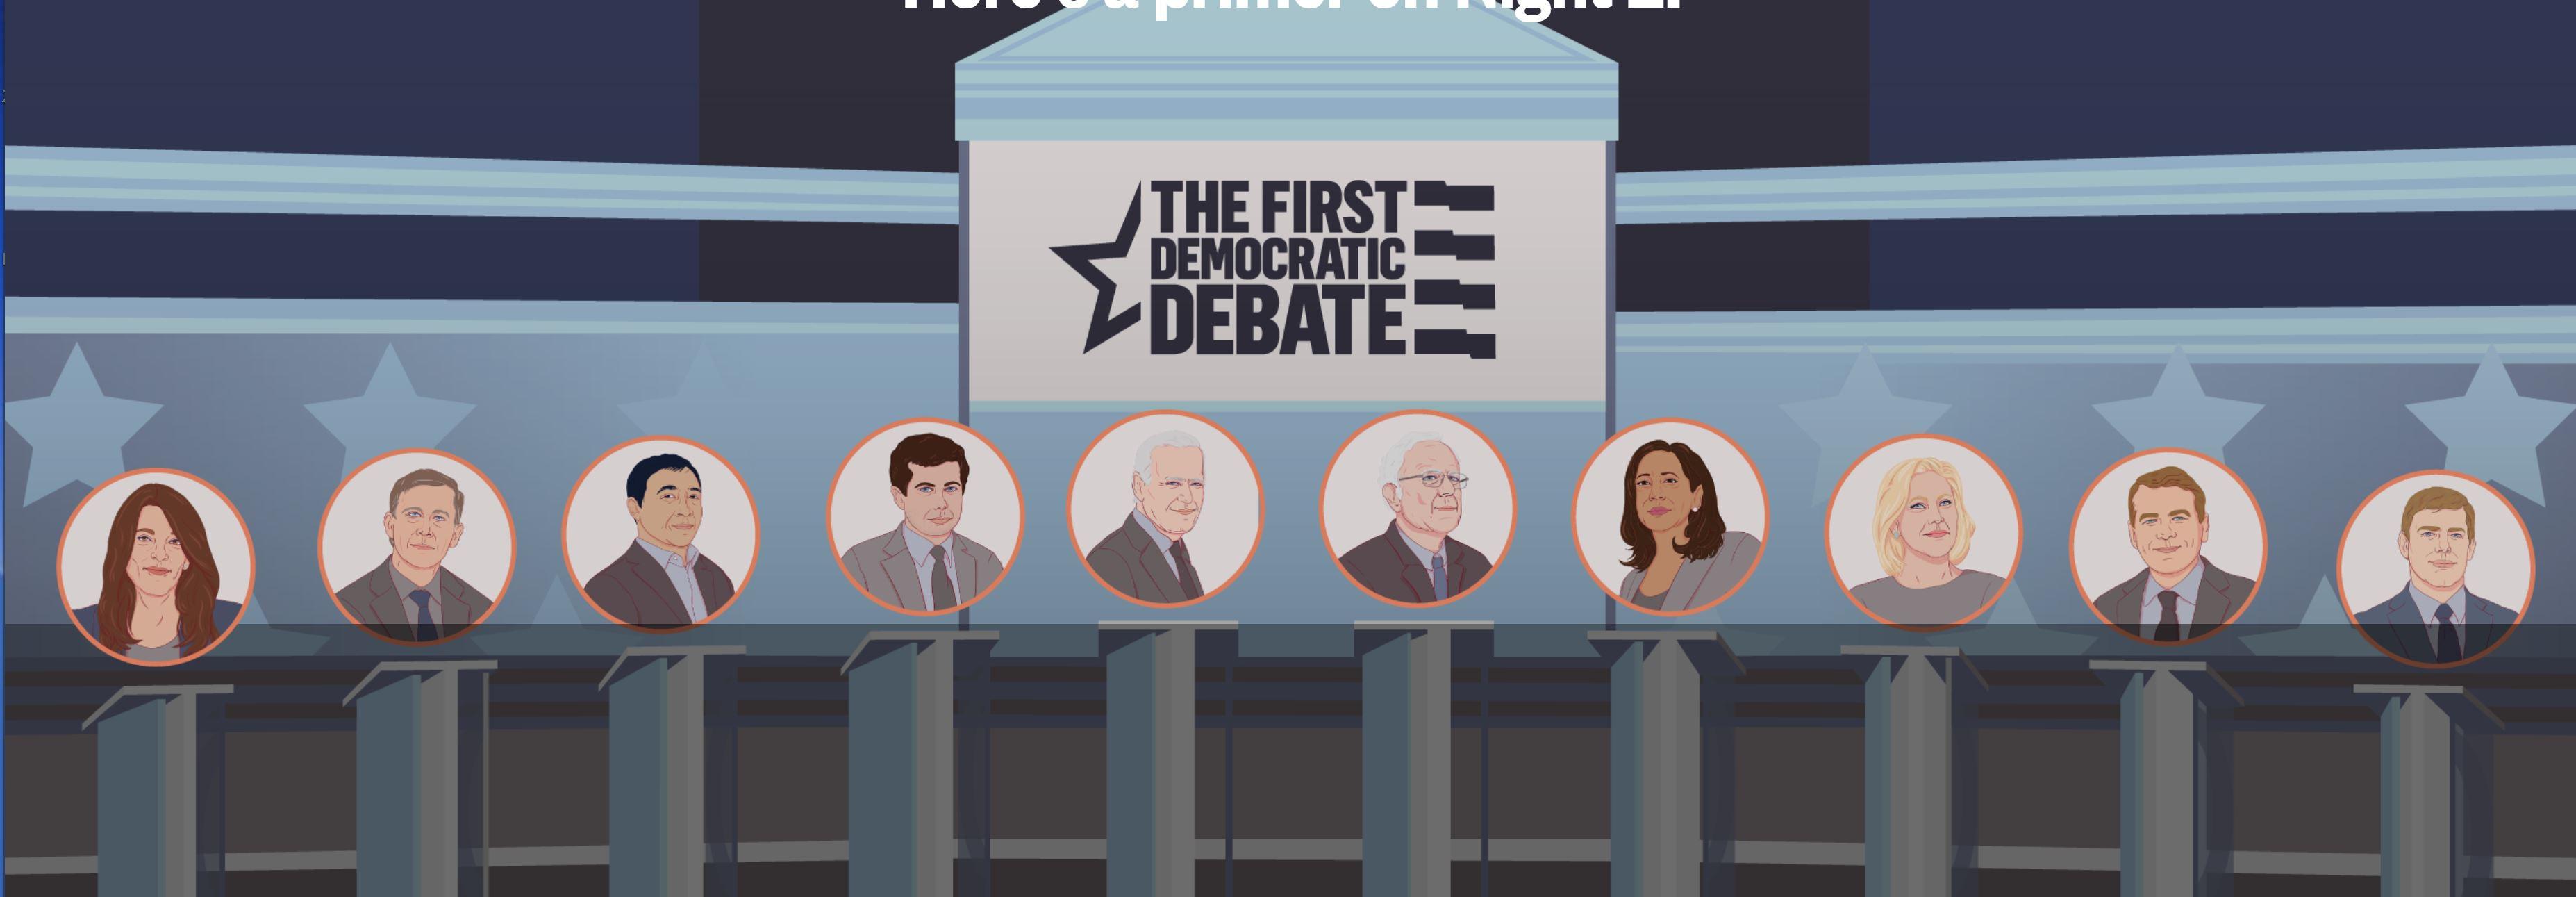 Dem Debate Staging for Night 2  June 2019.JPG